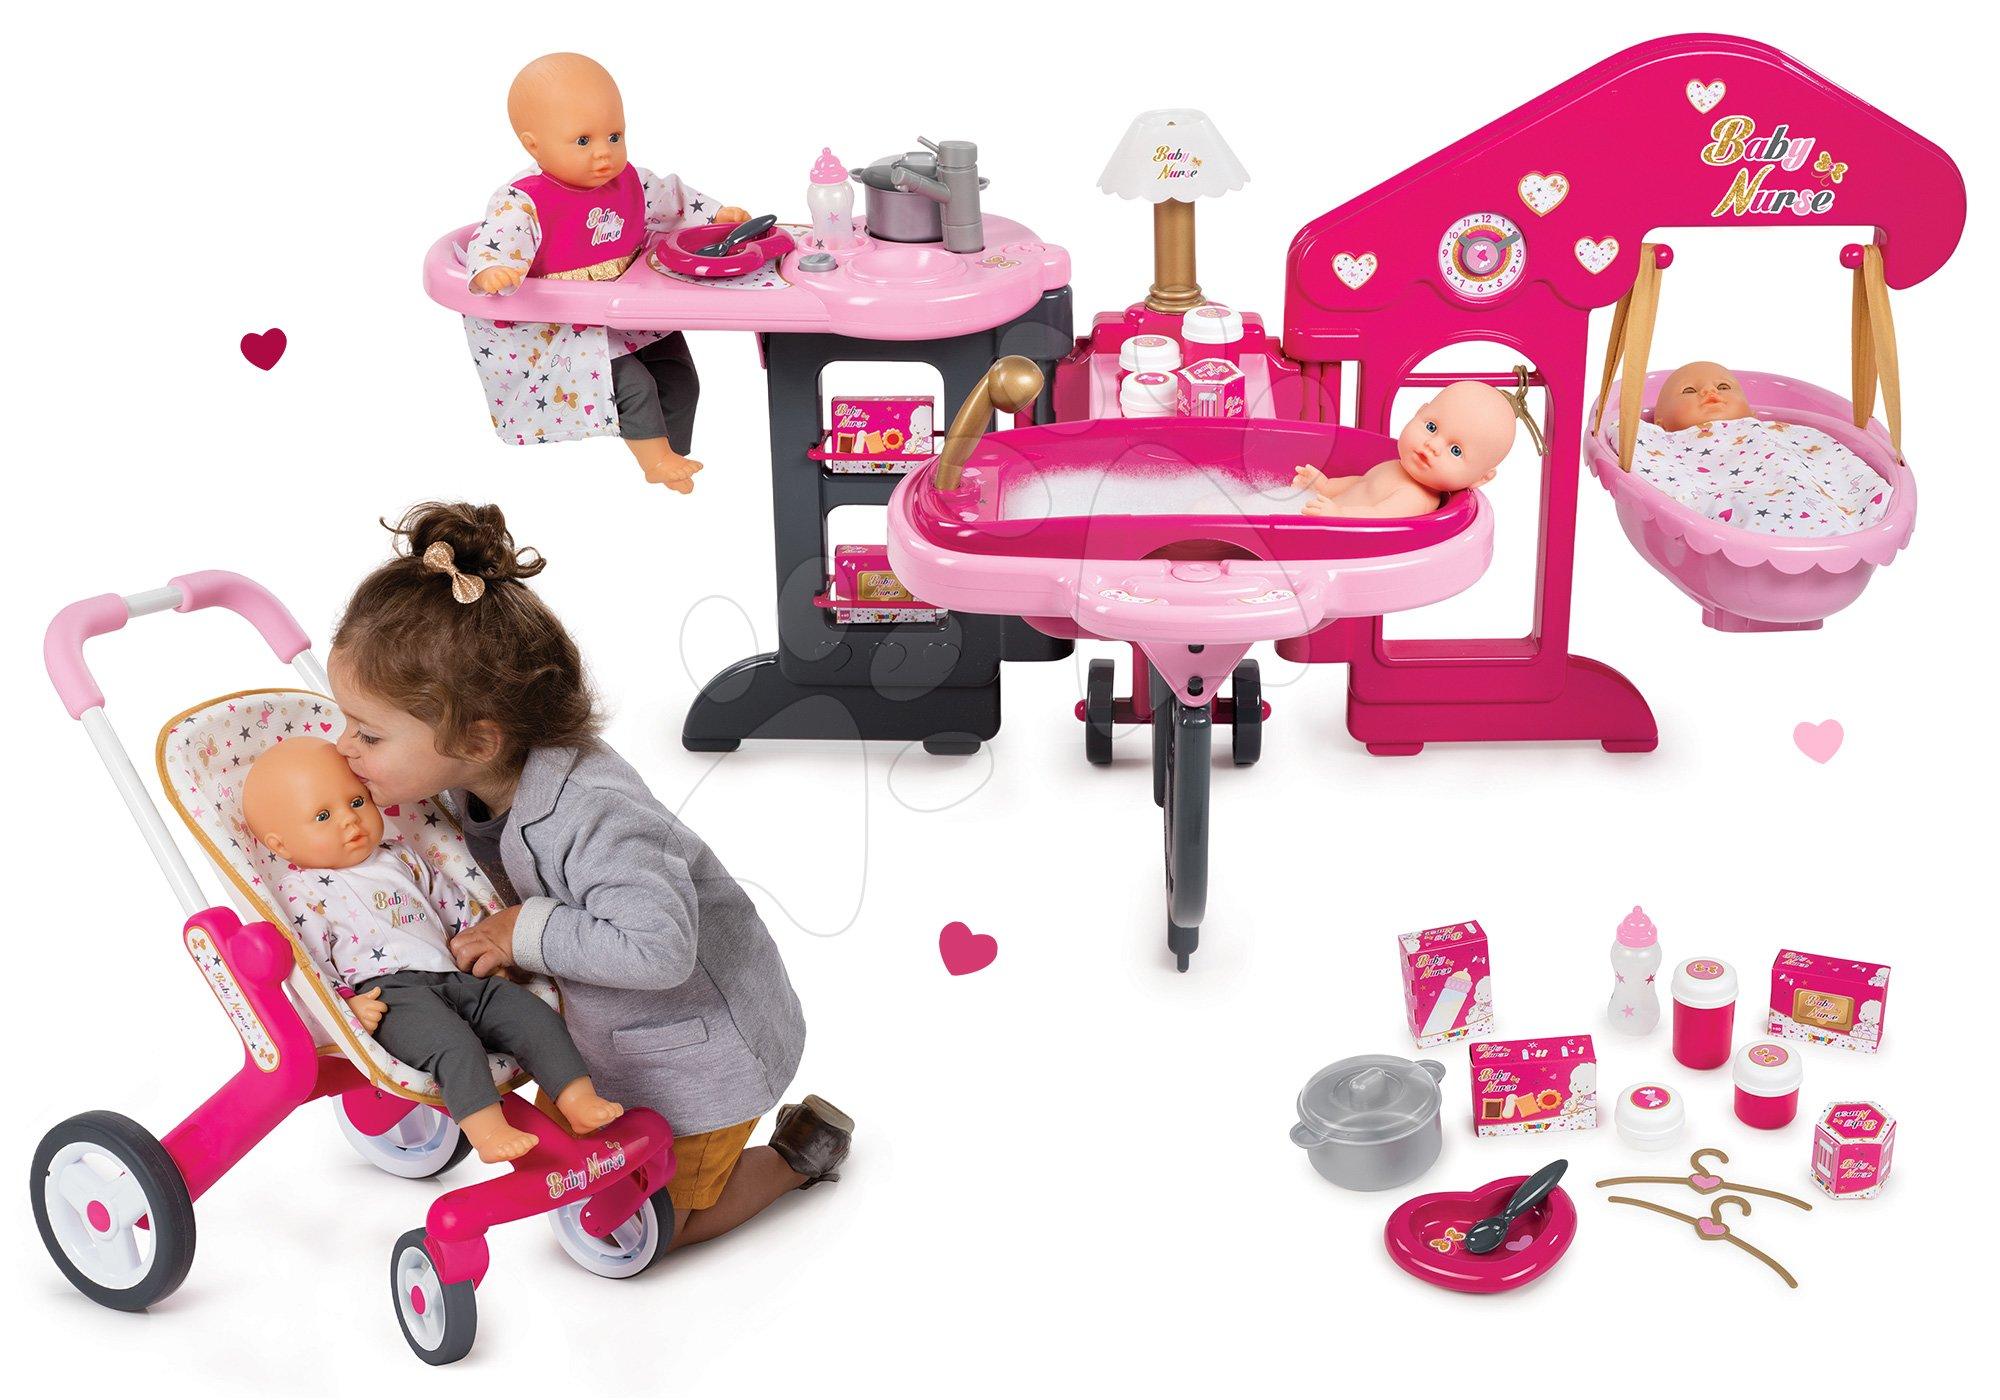 Set pečovatelské centrum pro panenku Baby Nurse Smoby a kočárek Baby Nurse Poussette Pop (53,5 cm ručka)